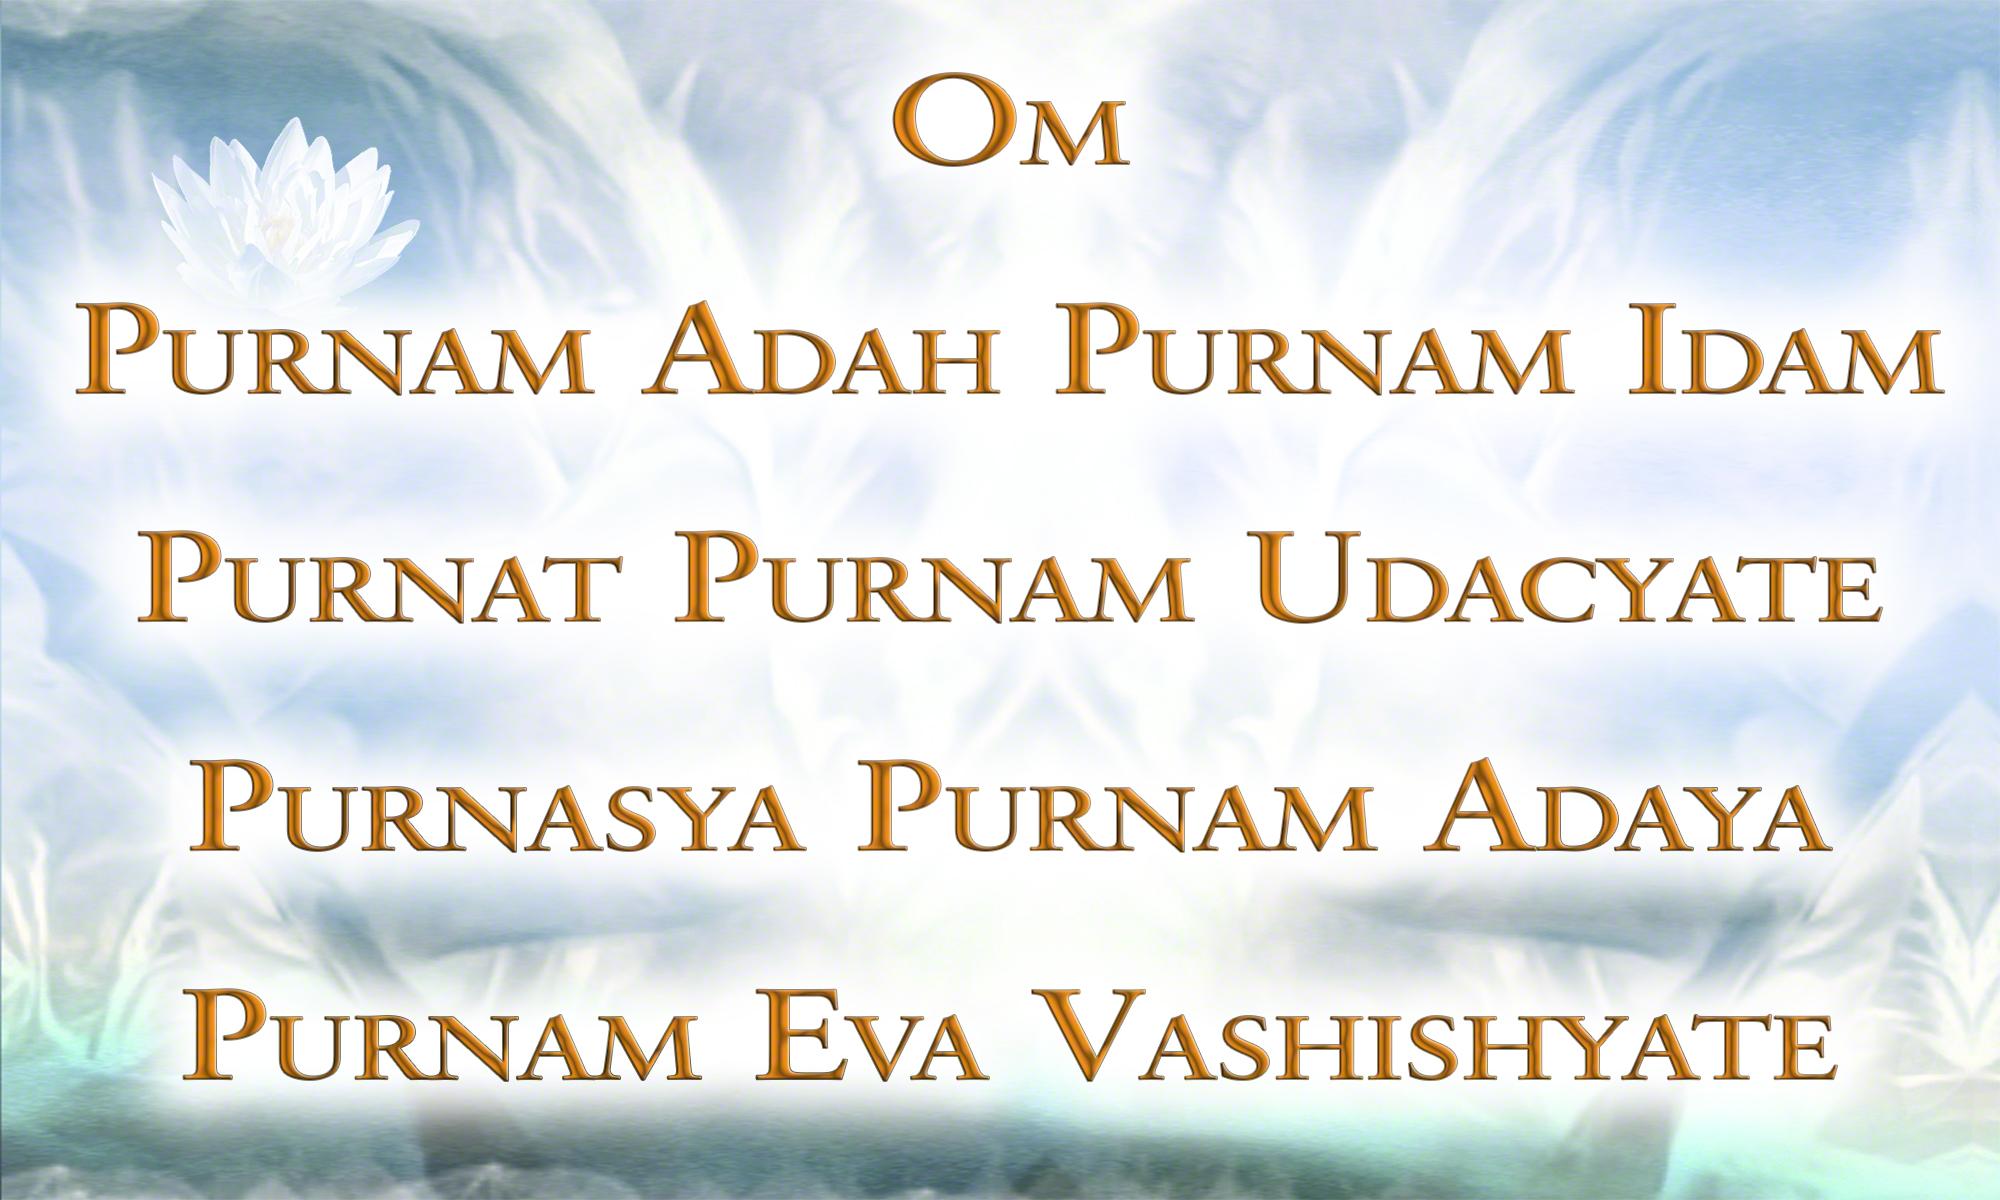 Om Purnam - Perfection (Shanti Mantra) by Canda & Guru Atman